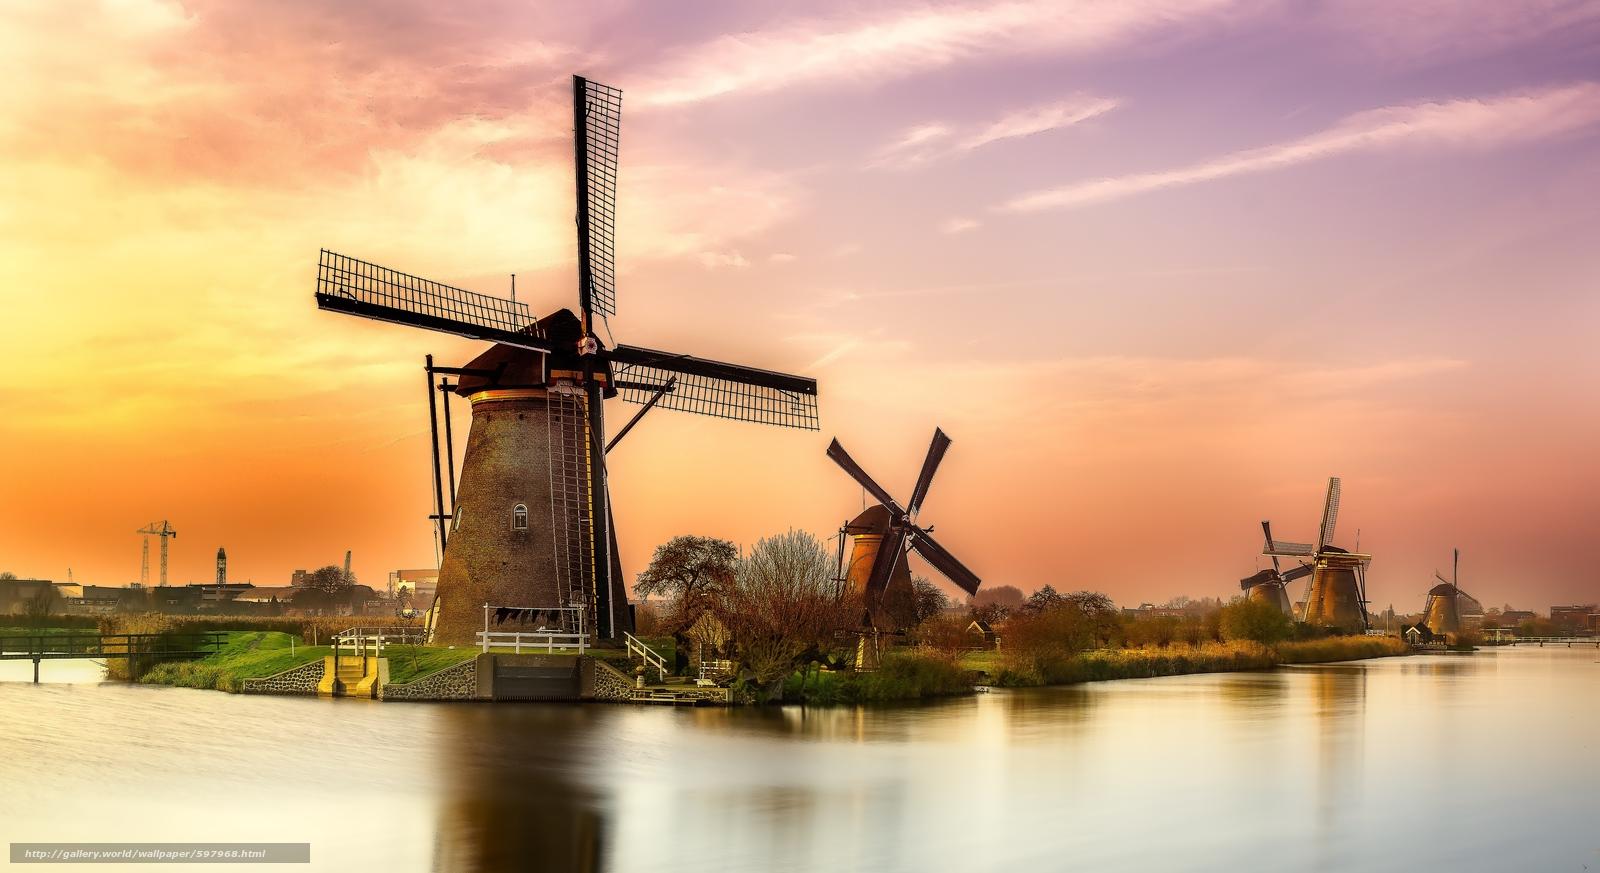 Netherlands Division